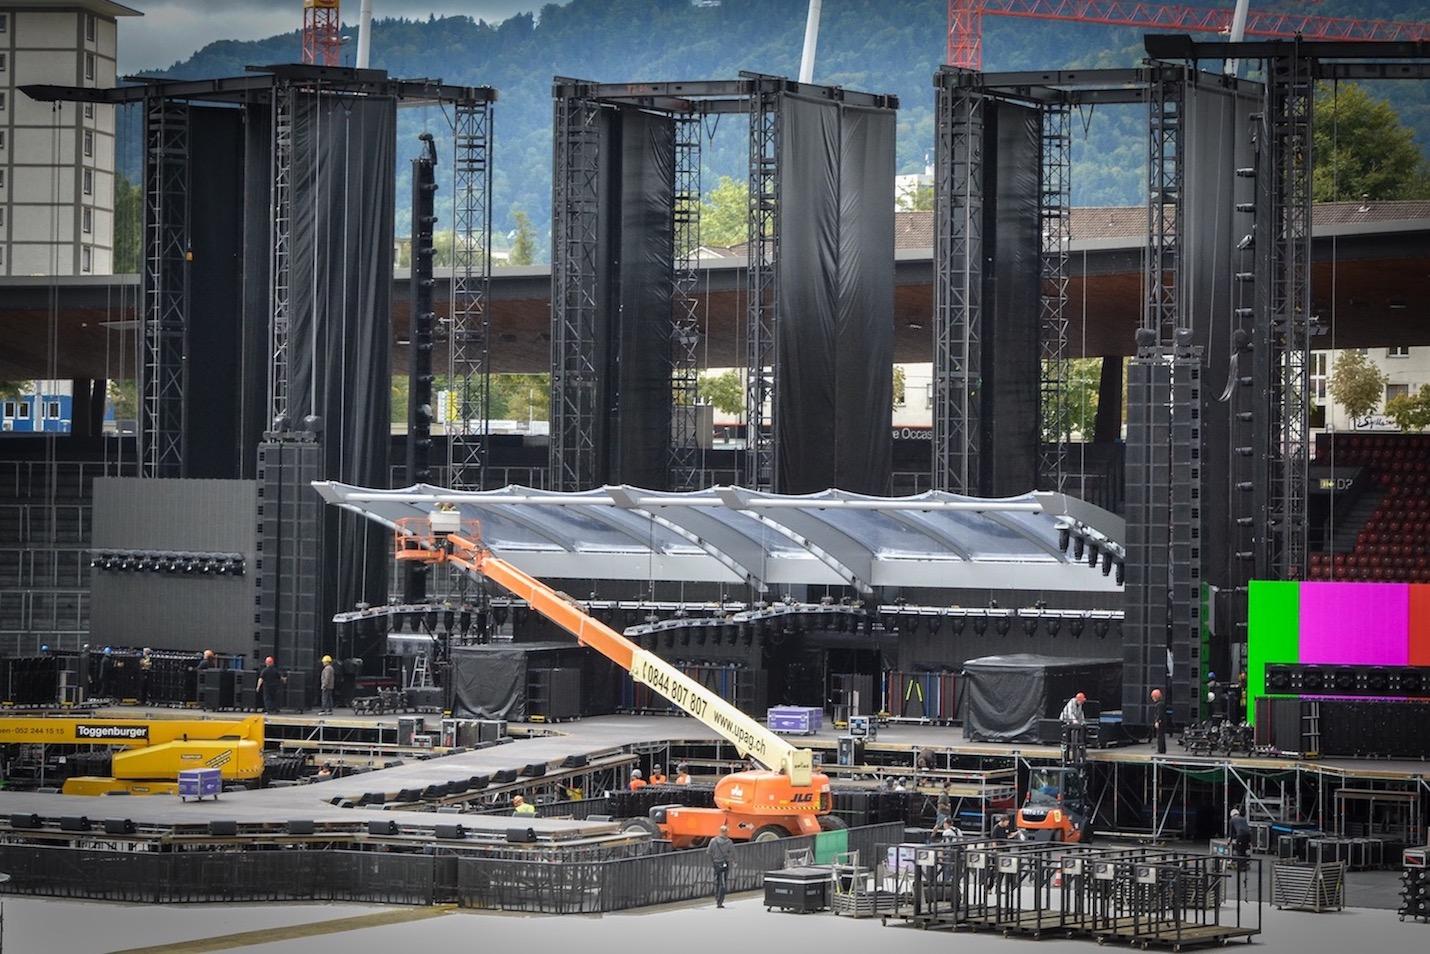 Noch wird an der Bühne gearbeitet.